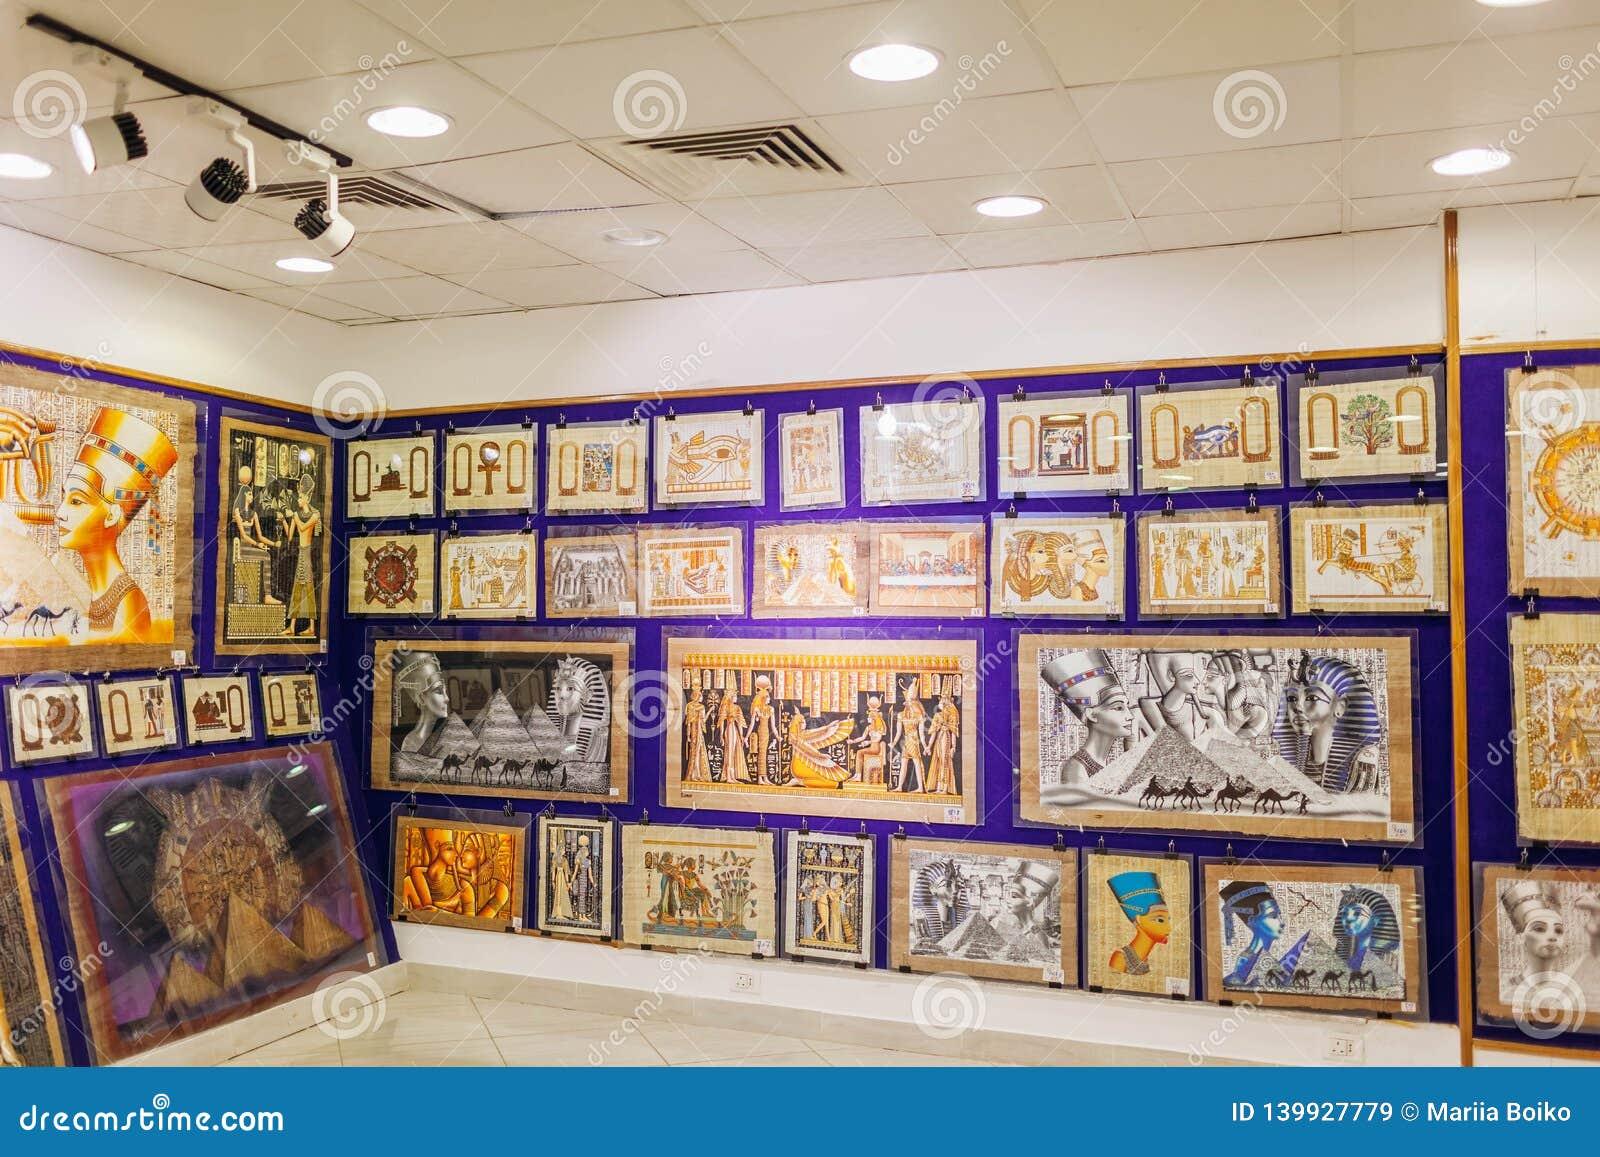 2019年1月27日-埃及,沙姆・谢赫 在商店显示的纸莎草绘画